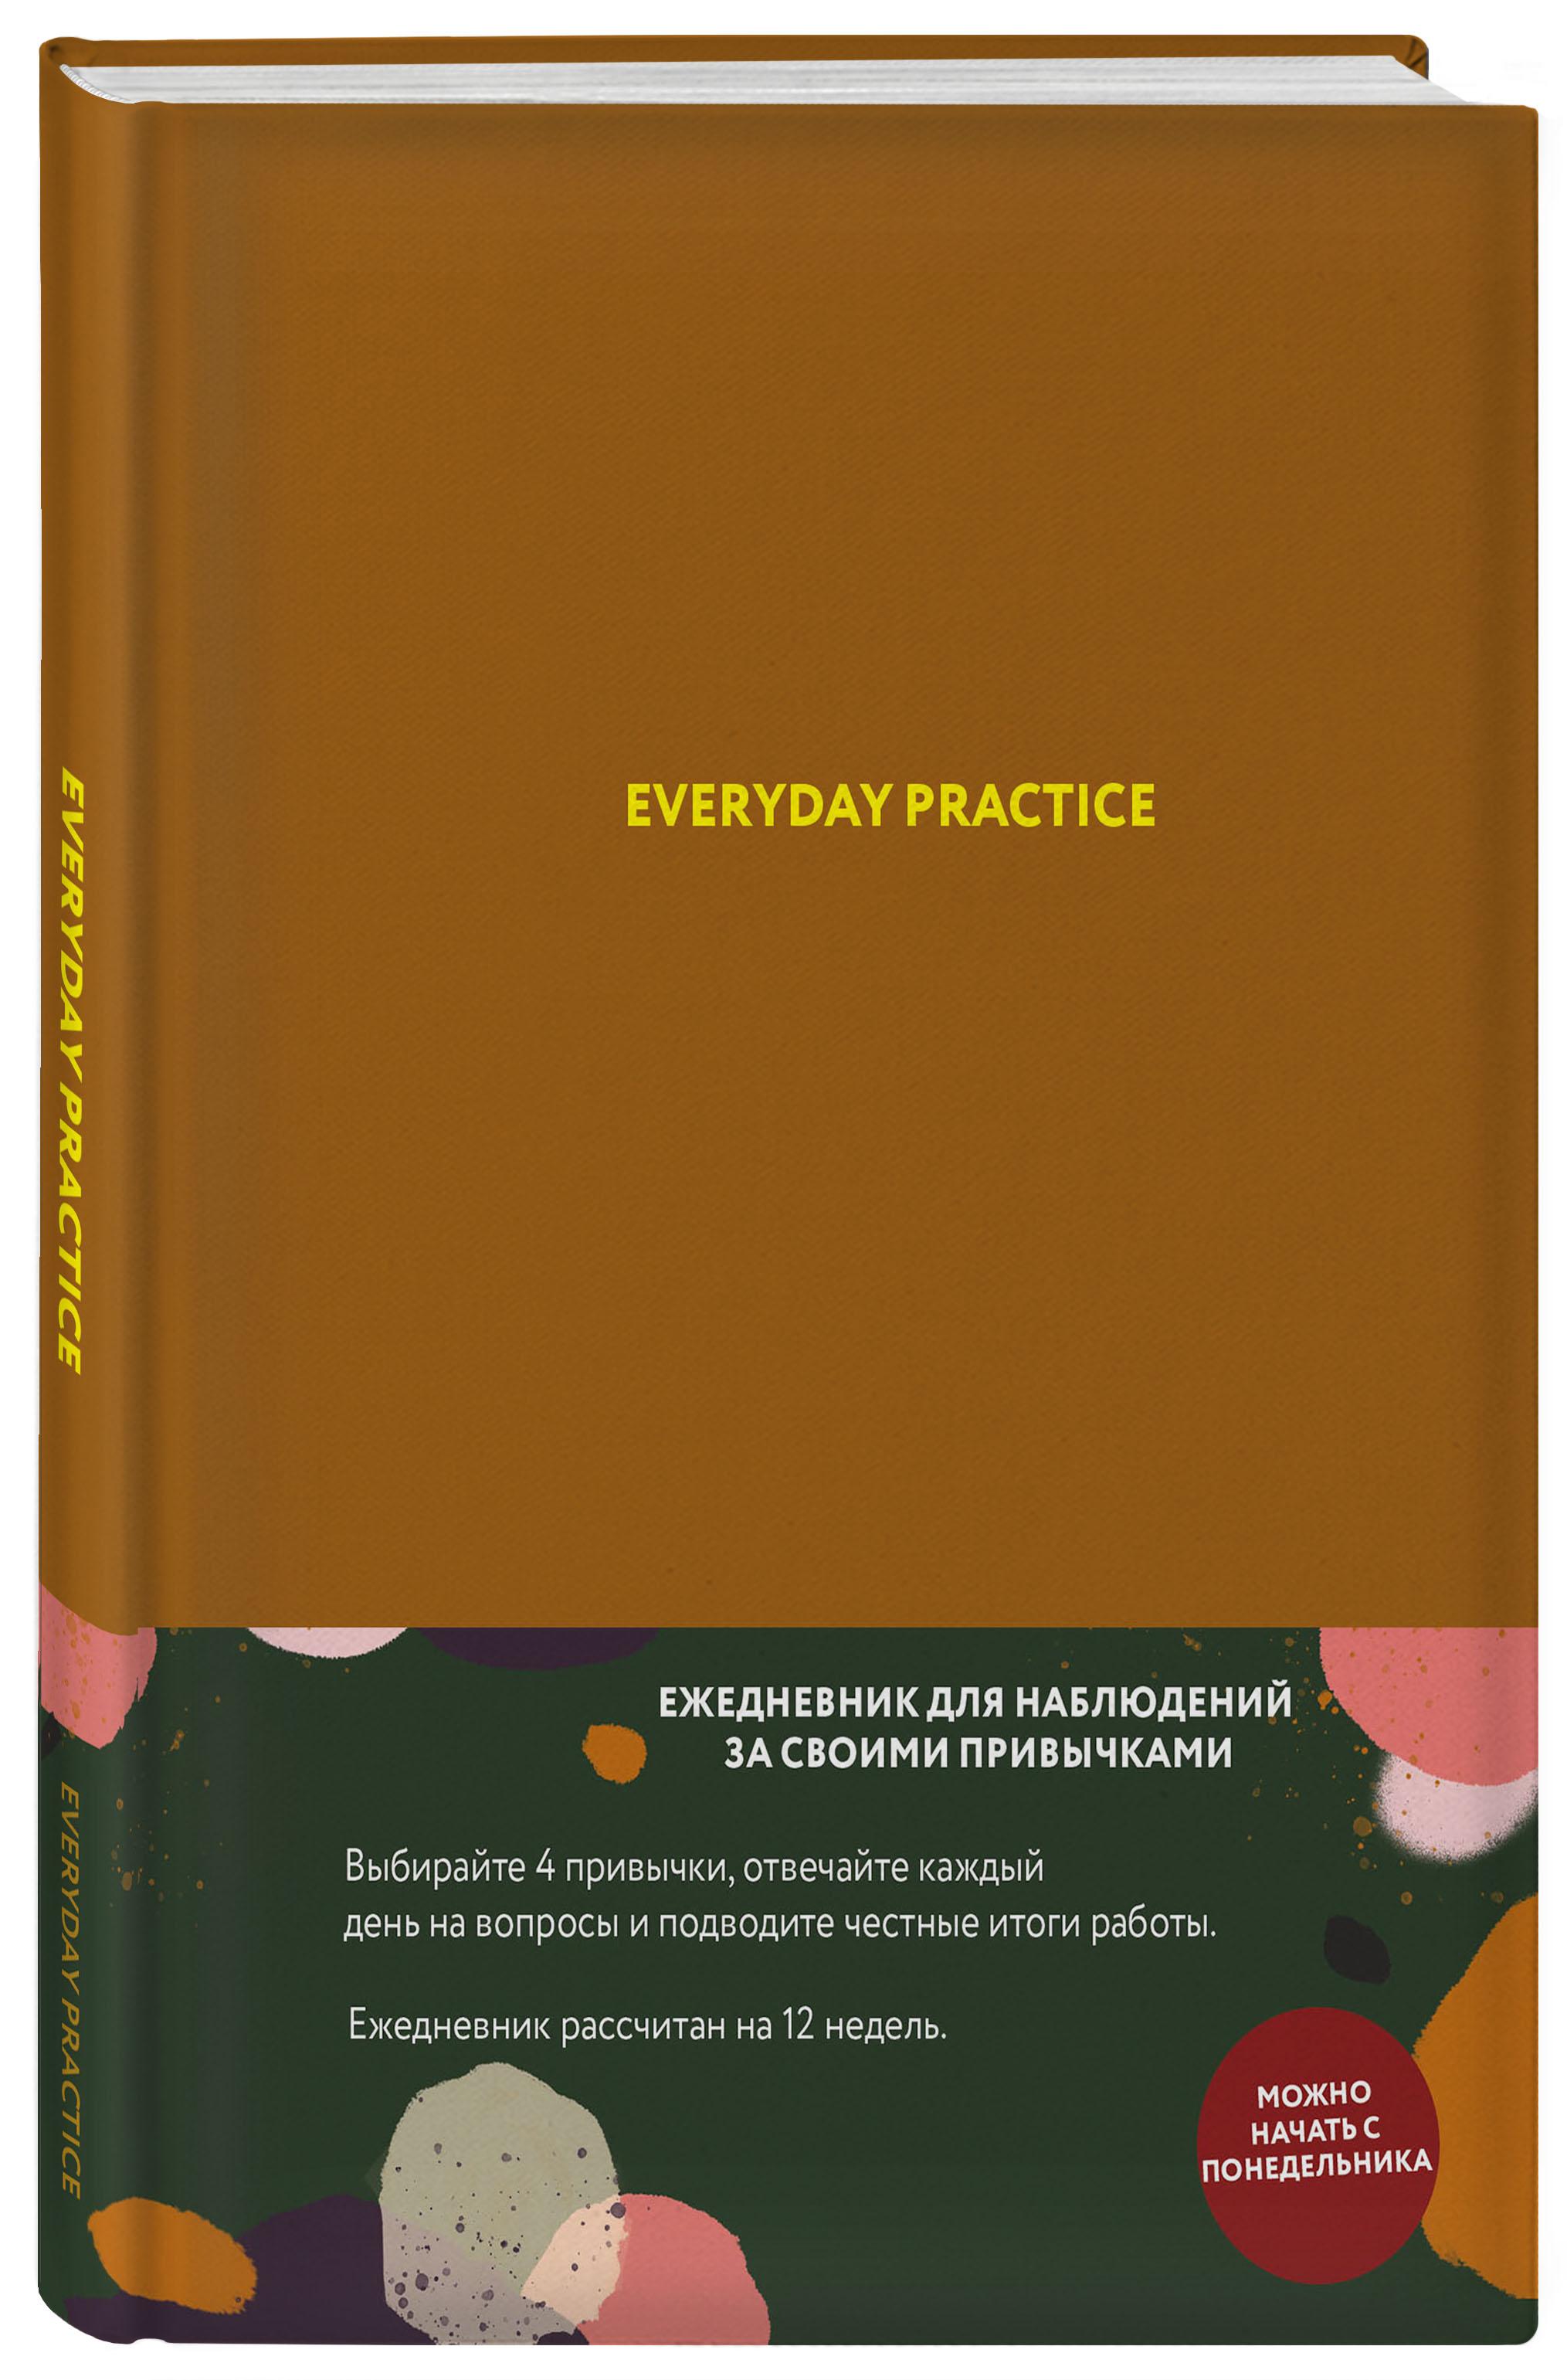 Веденеева Варя Everyday Practice (горчичная обложка)